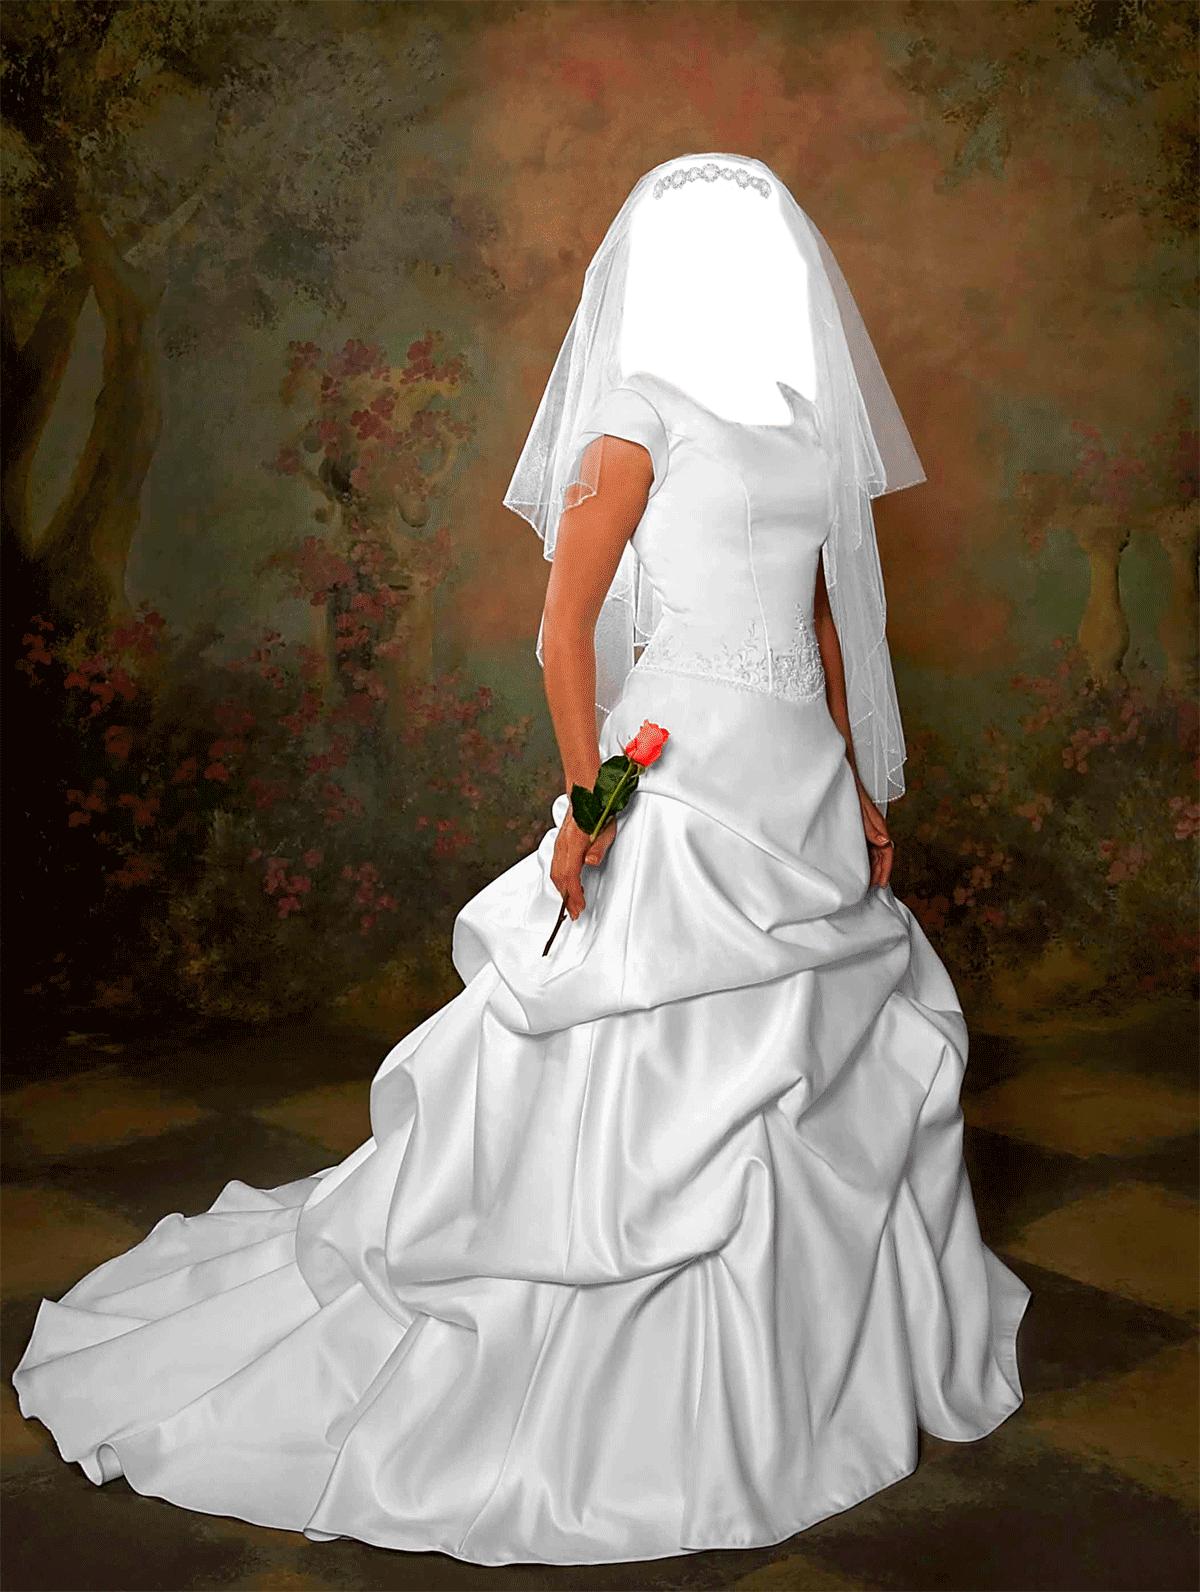 сразу фотомонтаж как соединить платье и голову очень